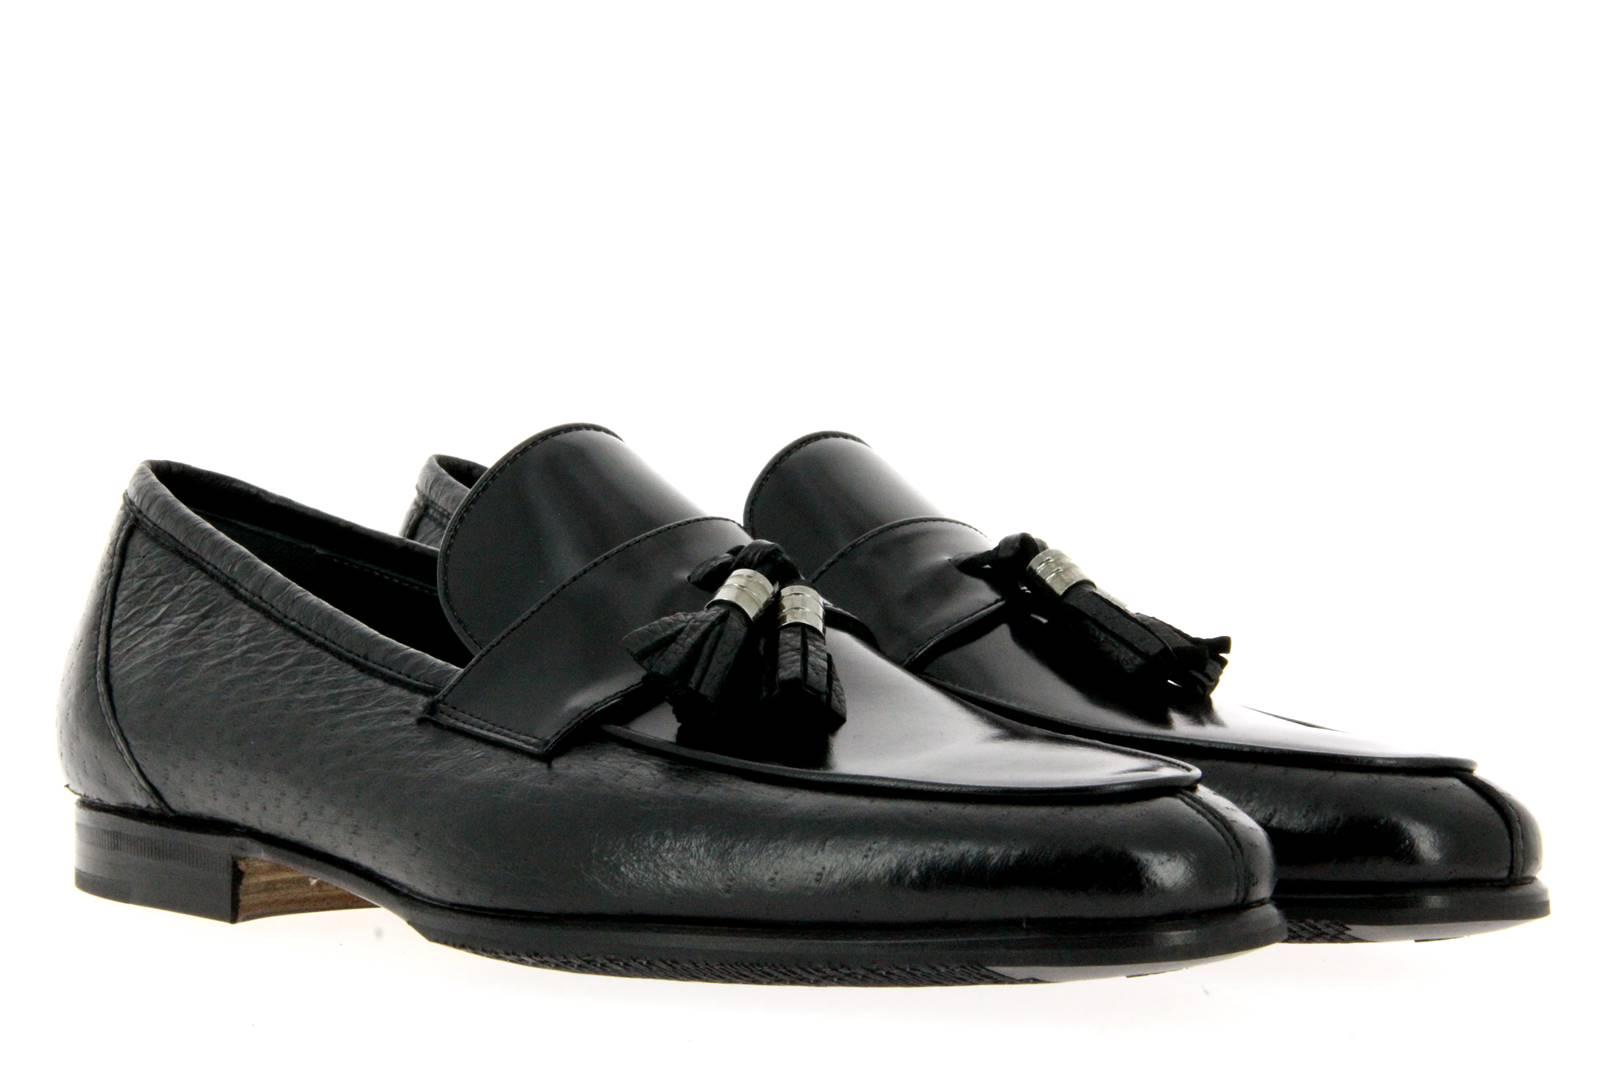 Moreschi Slipper PECCARY NERO (42½)